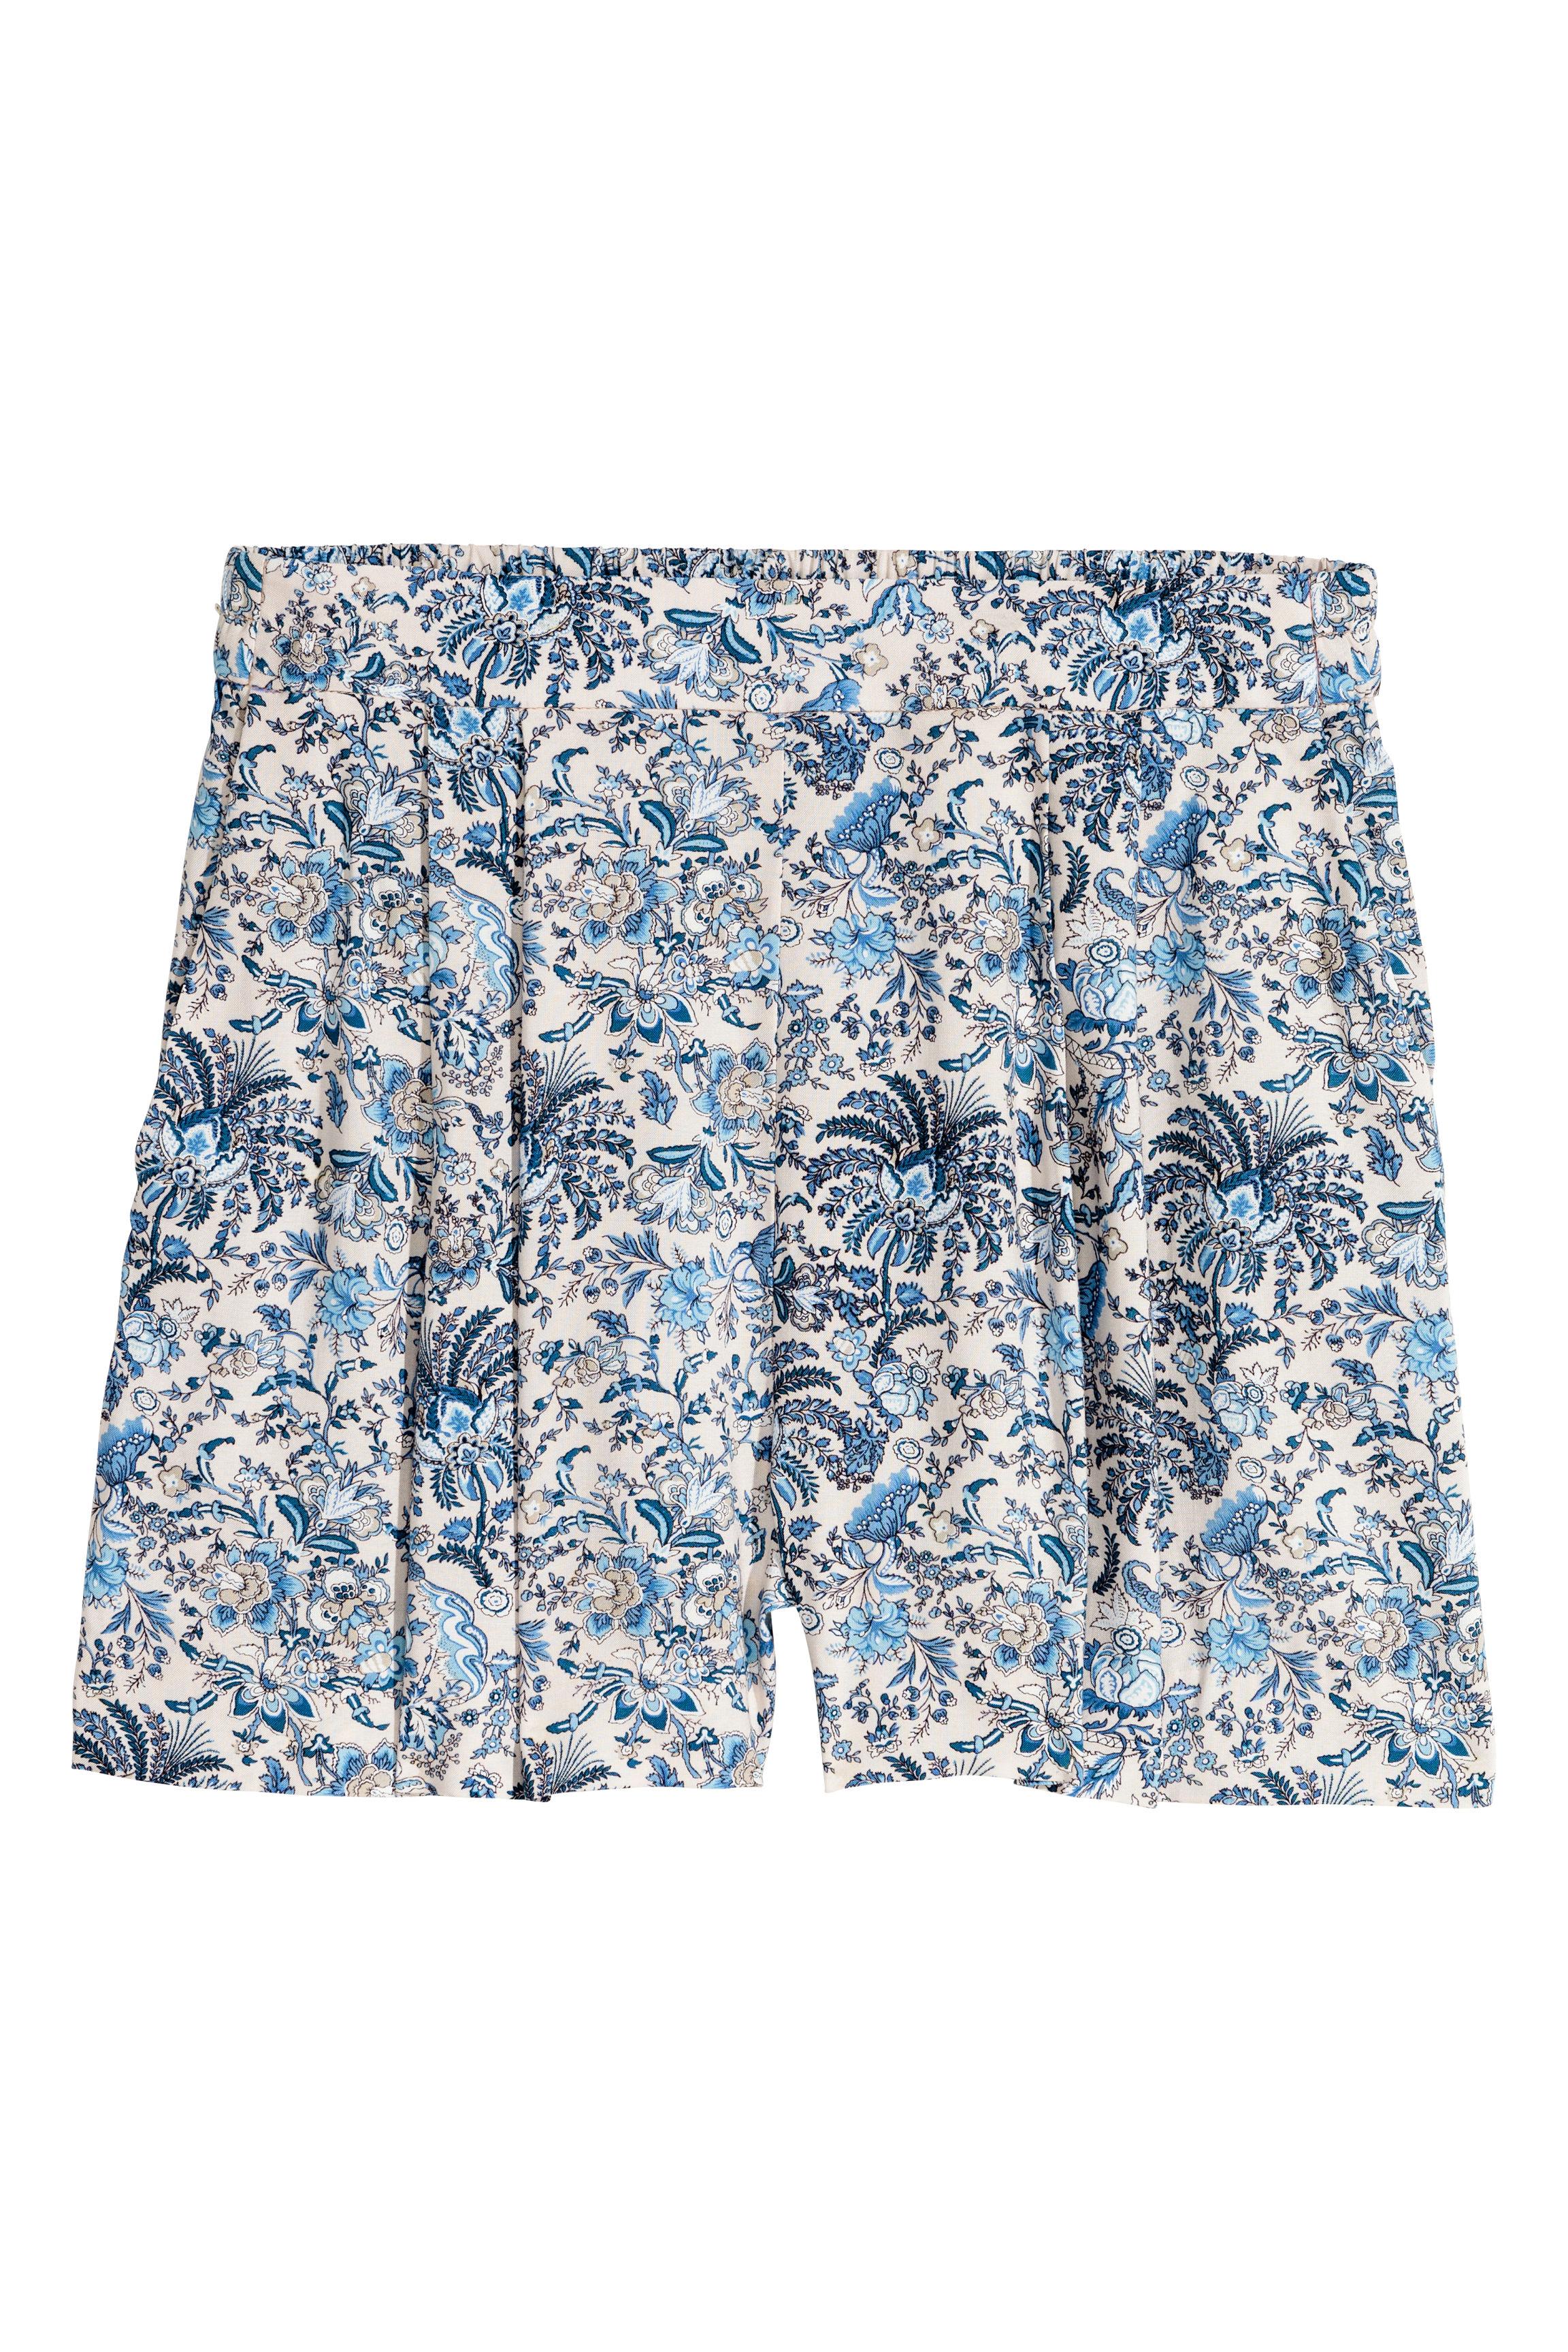 4c51d2116d Pantalón corto holgado - Estampado de cebra - MUJER